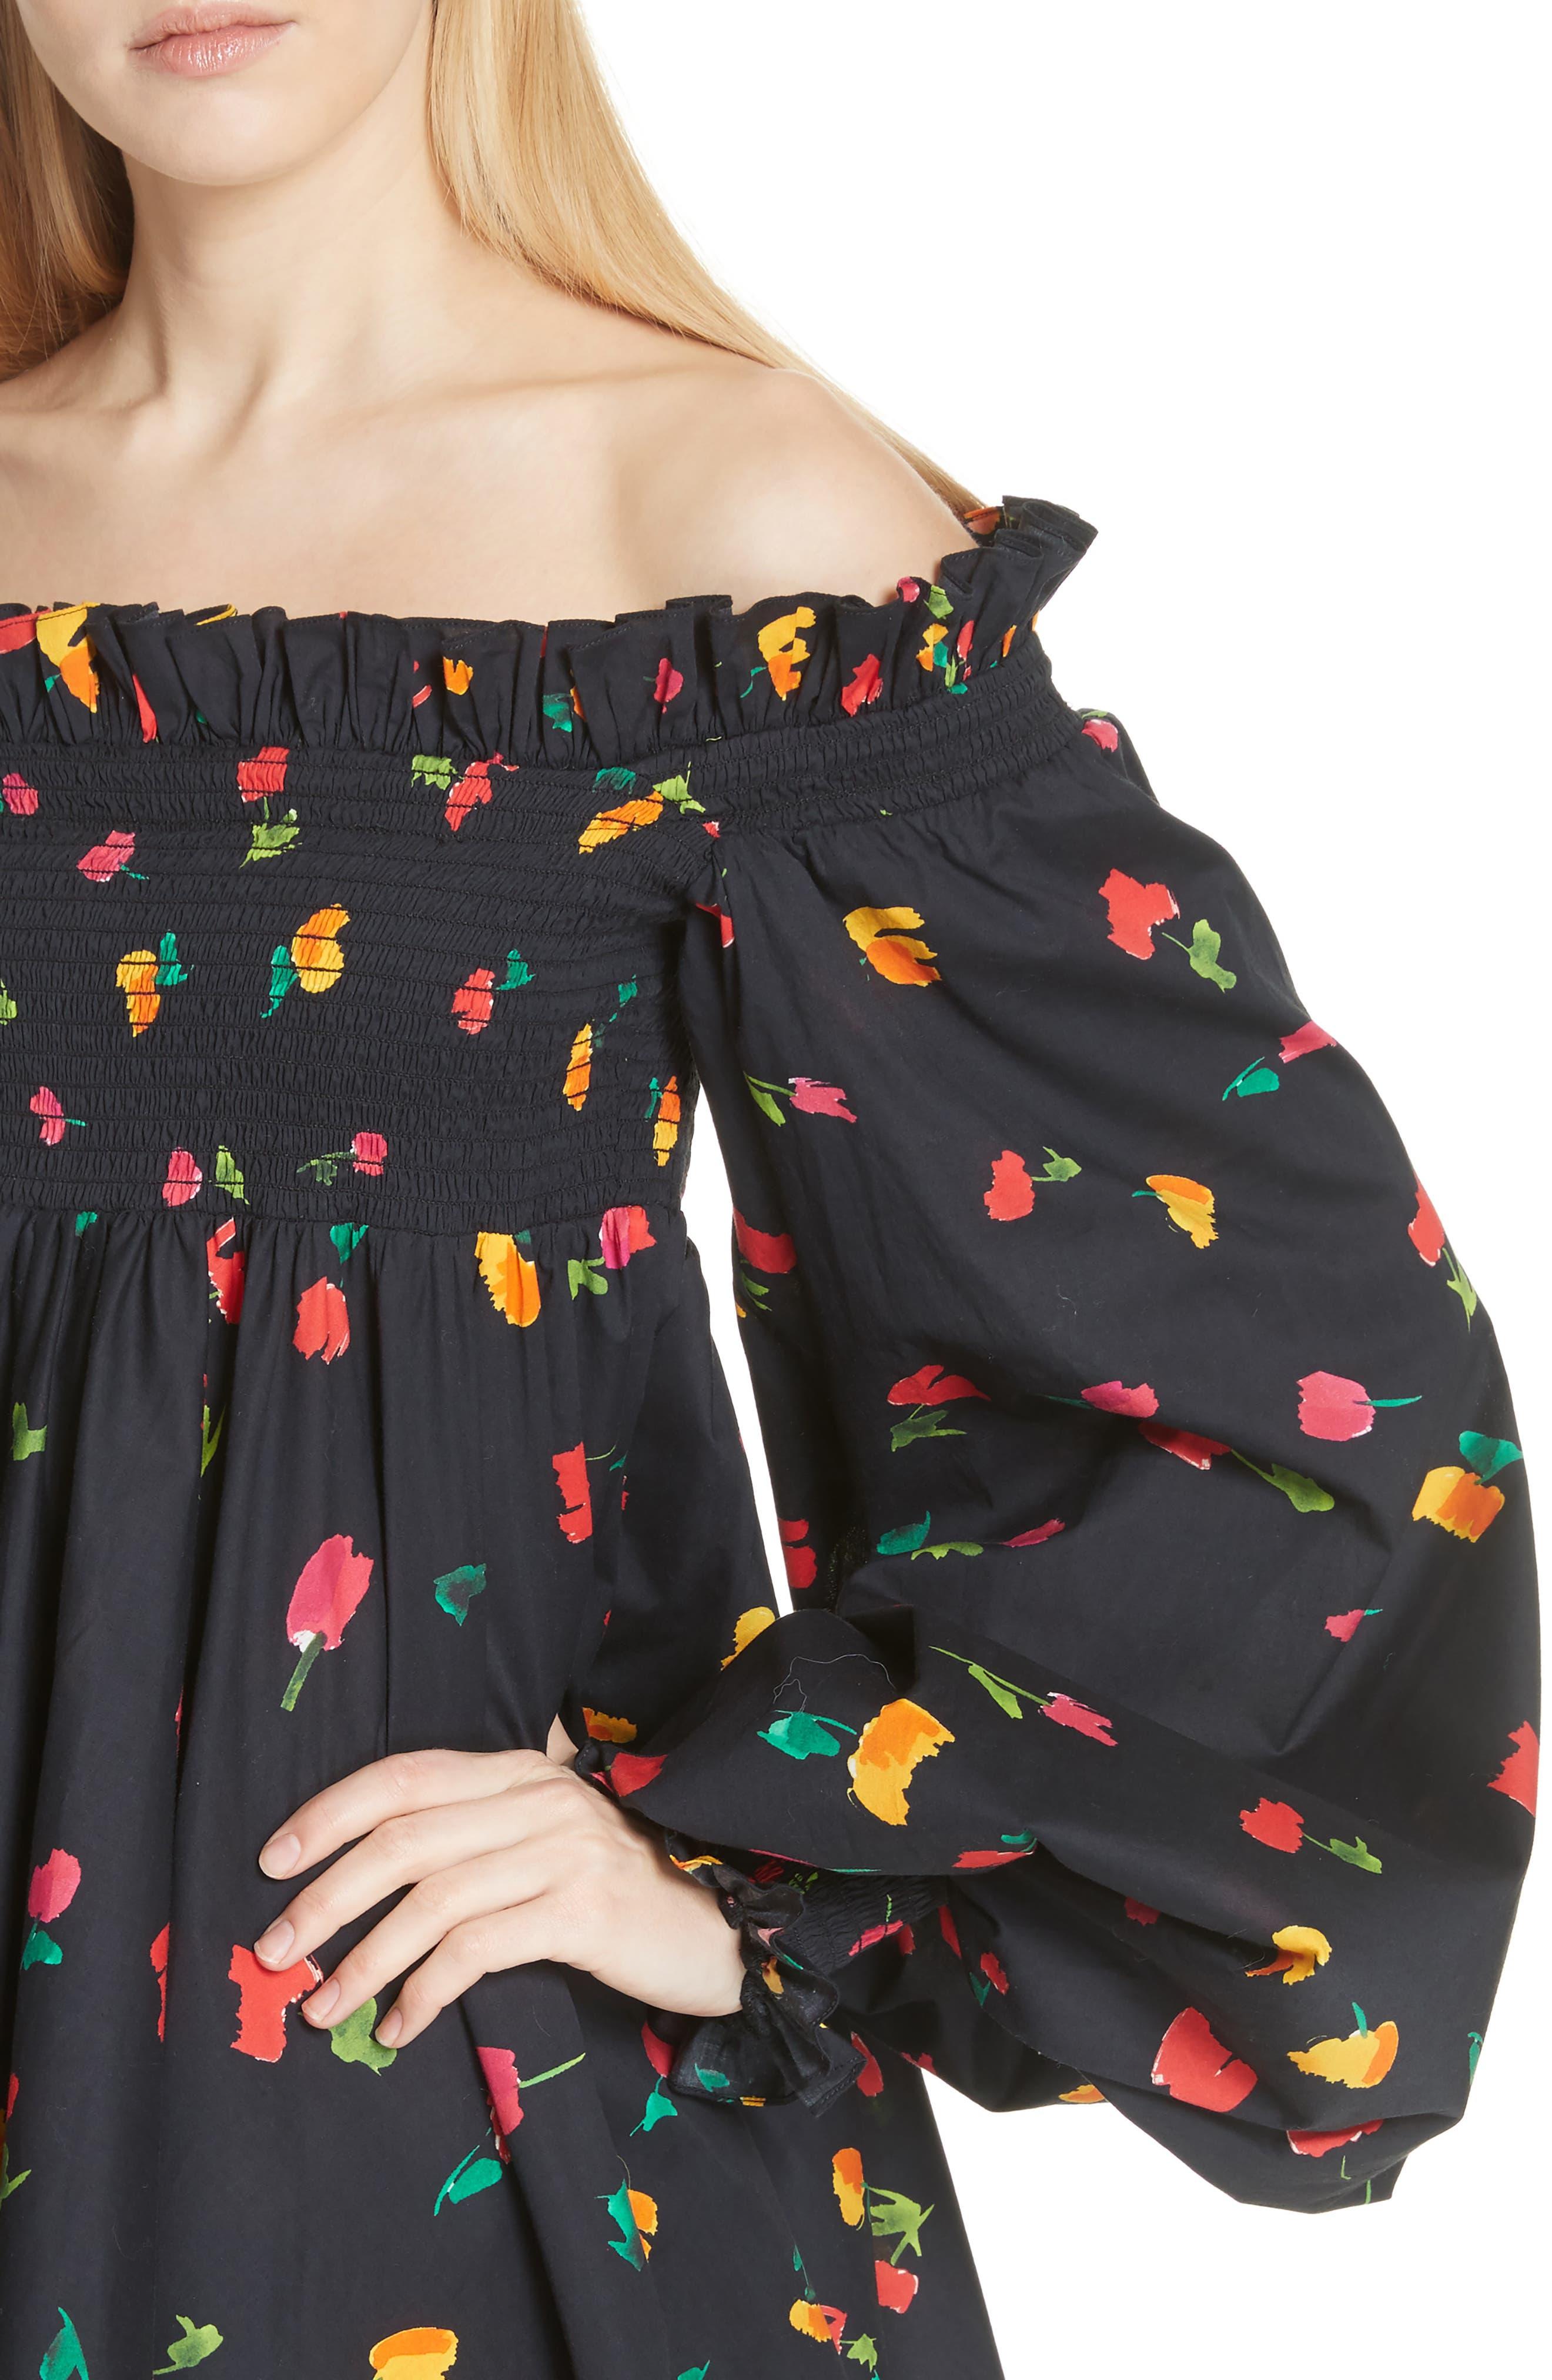 Kora Off the Shoulder Dress,                             Alternate thumbnail 4, color,                             Black